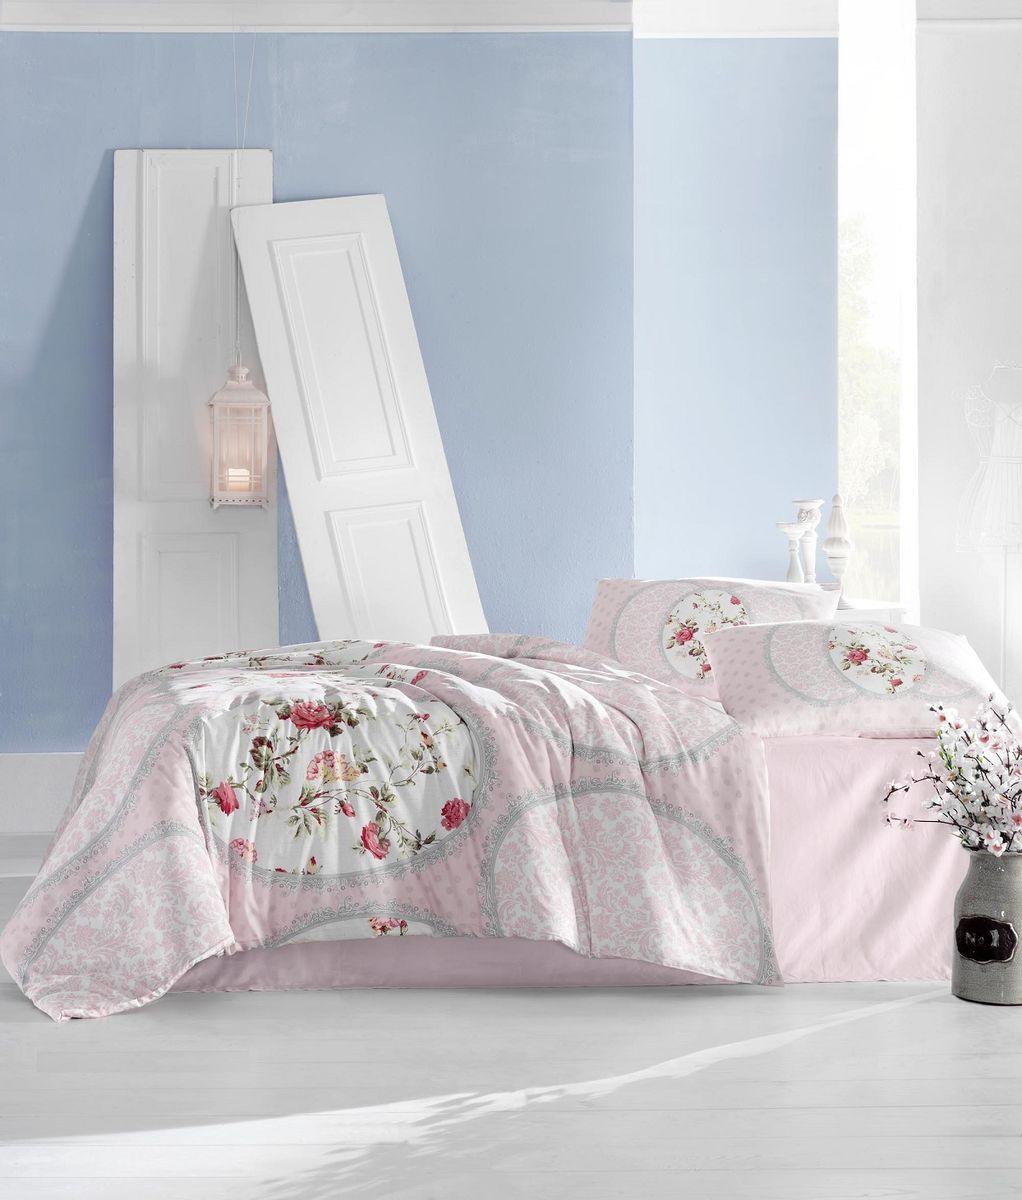 Комплект белья Altinbasak Perlita, 2-спальный, наволочки 50х70, цвет: розовый297/31/CHAR001Комплект постельного белья Altinbasak включает простыню, пододеяльник и 2 наволочки. Изделия выполнены из ранфорса.Ранфорс - 100% хлопковое волокно, для которого характерна высокая плотность. Ткань отличается повышенной прочностью и износостойкостью, не теряет своего вида даже после частых стирок. Отлично подстраивается под температуру окружающей среды, даря зимой тепло, а летом - прохладу. Гипоаллергенен, хорошо пропускает воздух и впитывает влагу.